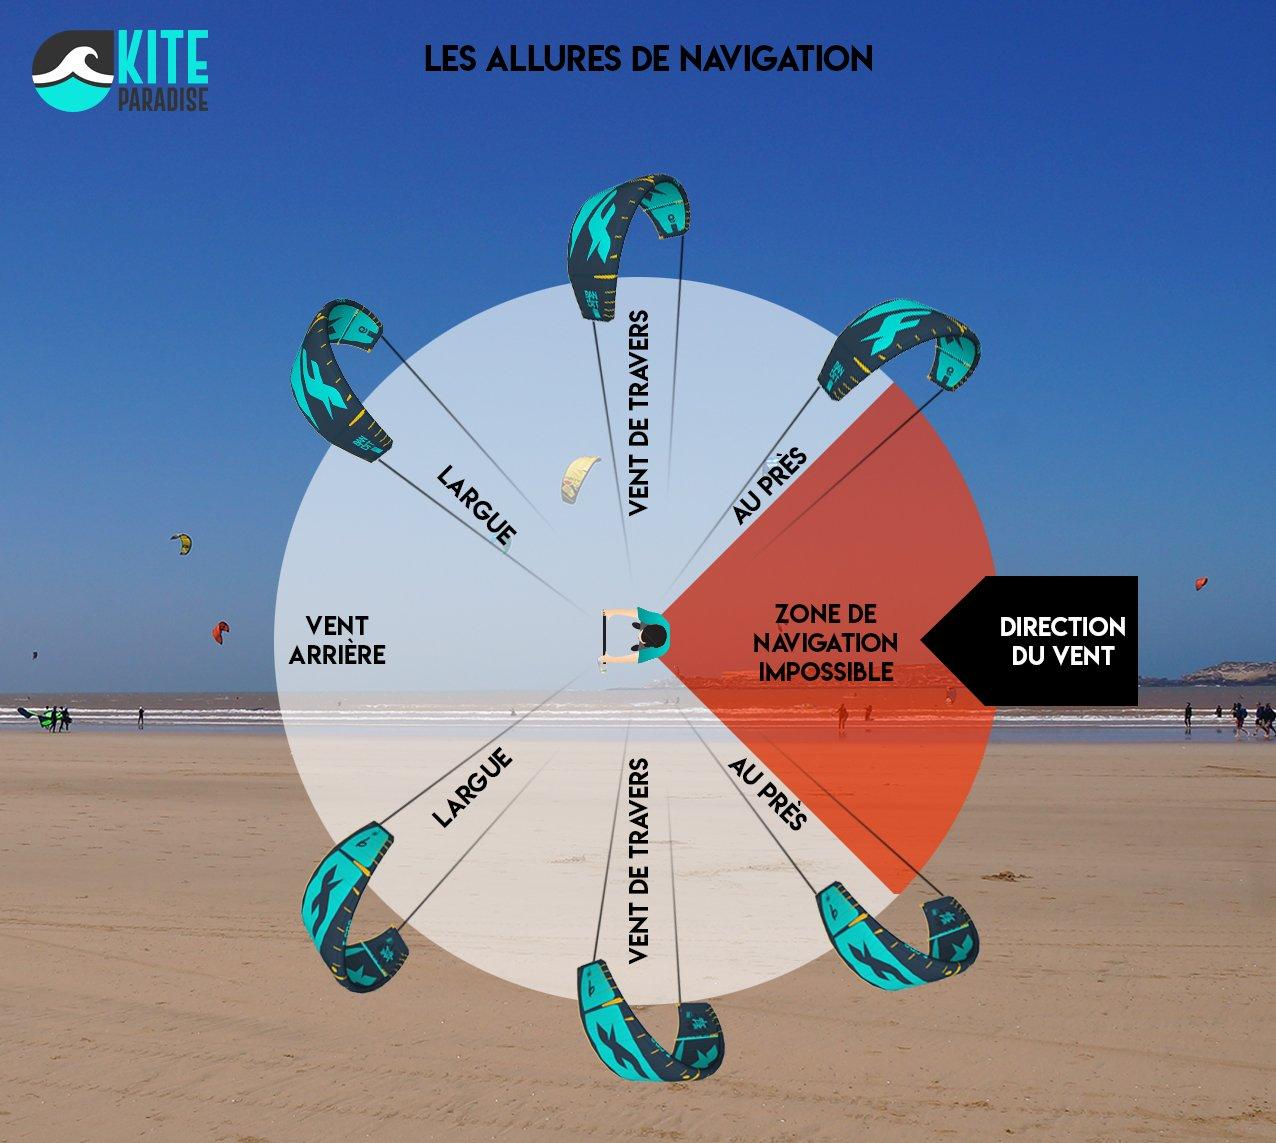 Les allures de navigation kitesurf